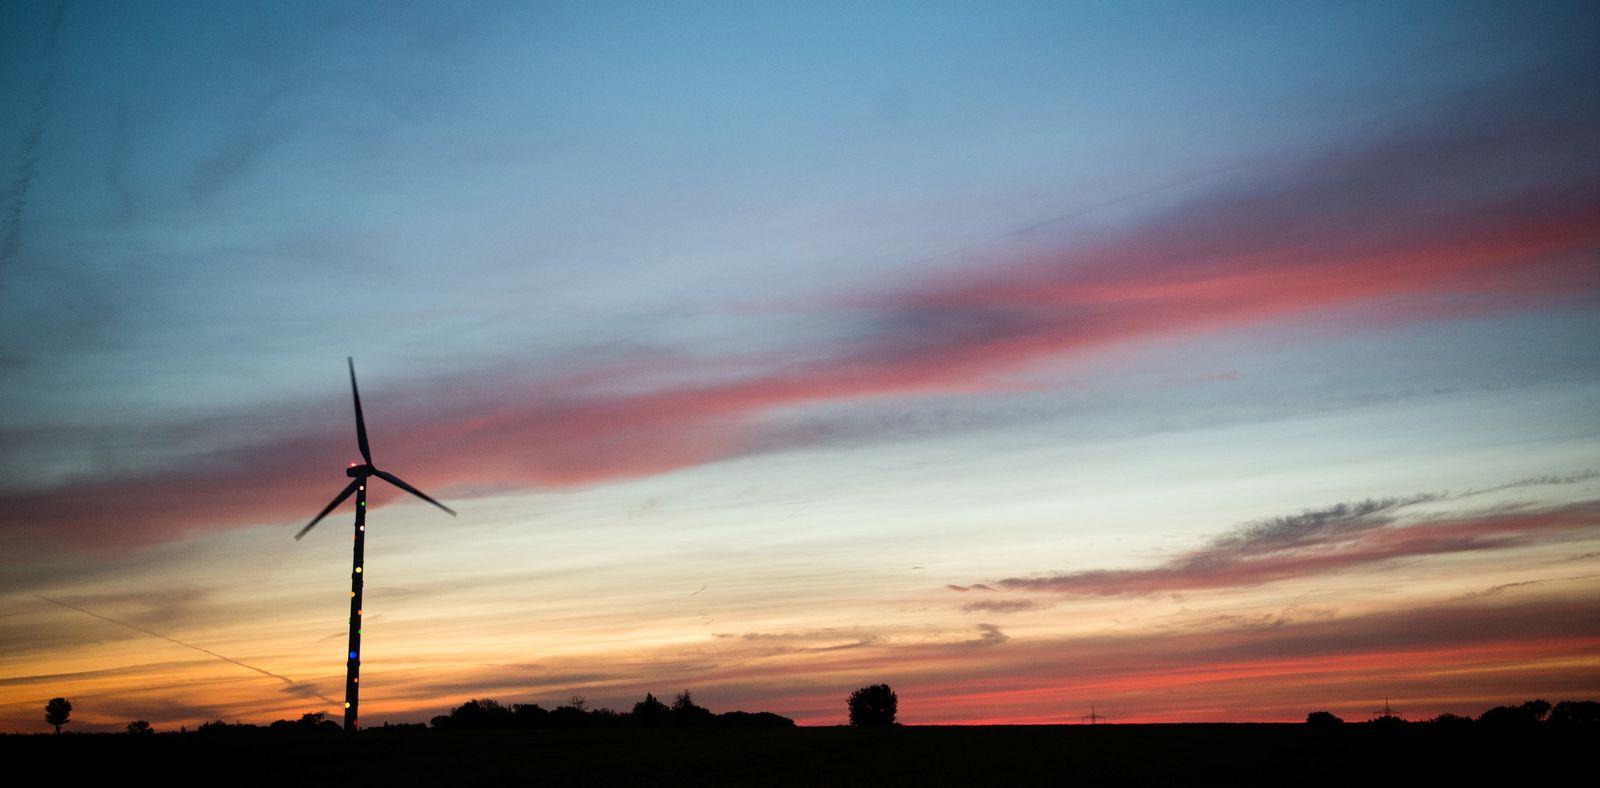 Sonnenaufgang in Niedersachsen